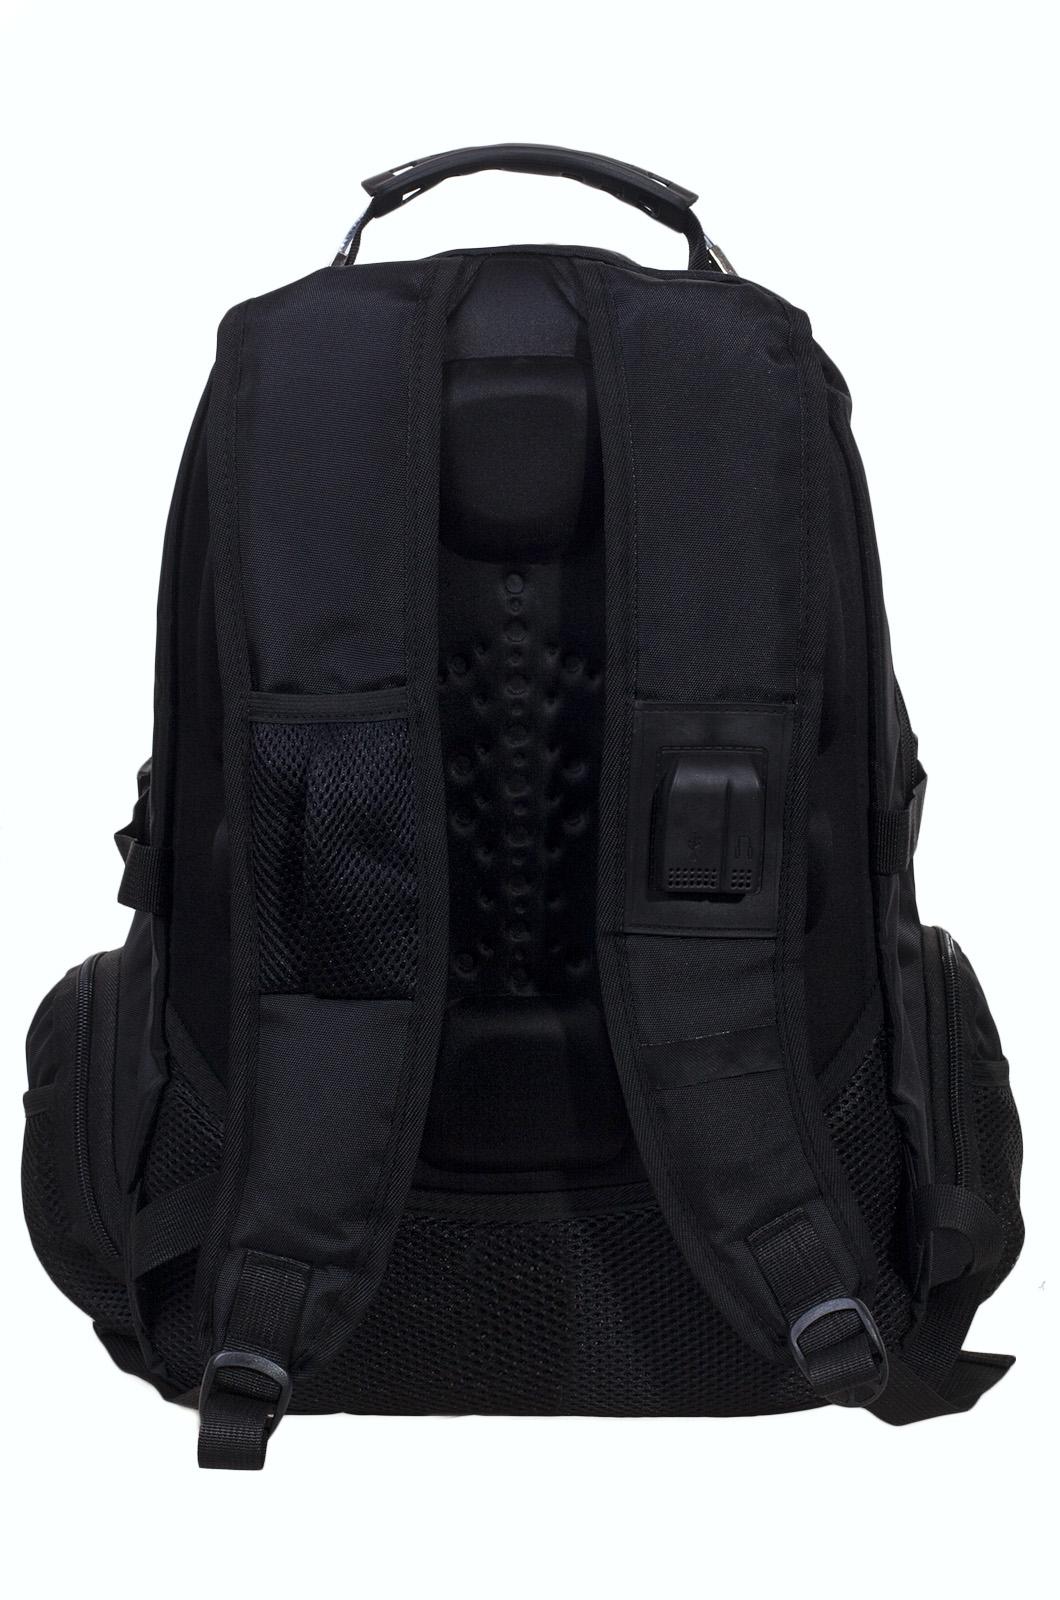 Вместительный черный рюкзак с эмблемой Охотничьего спецназа купить оптом